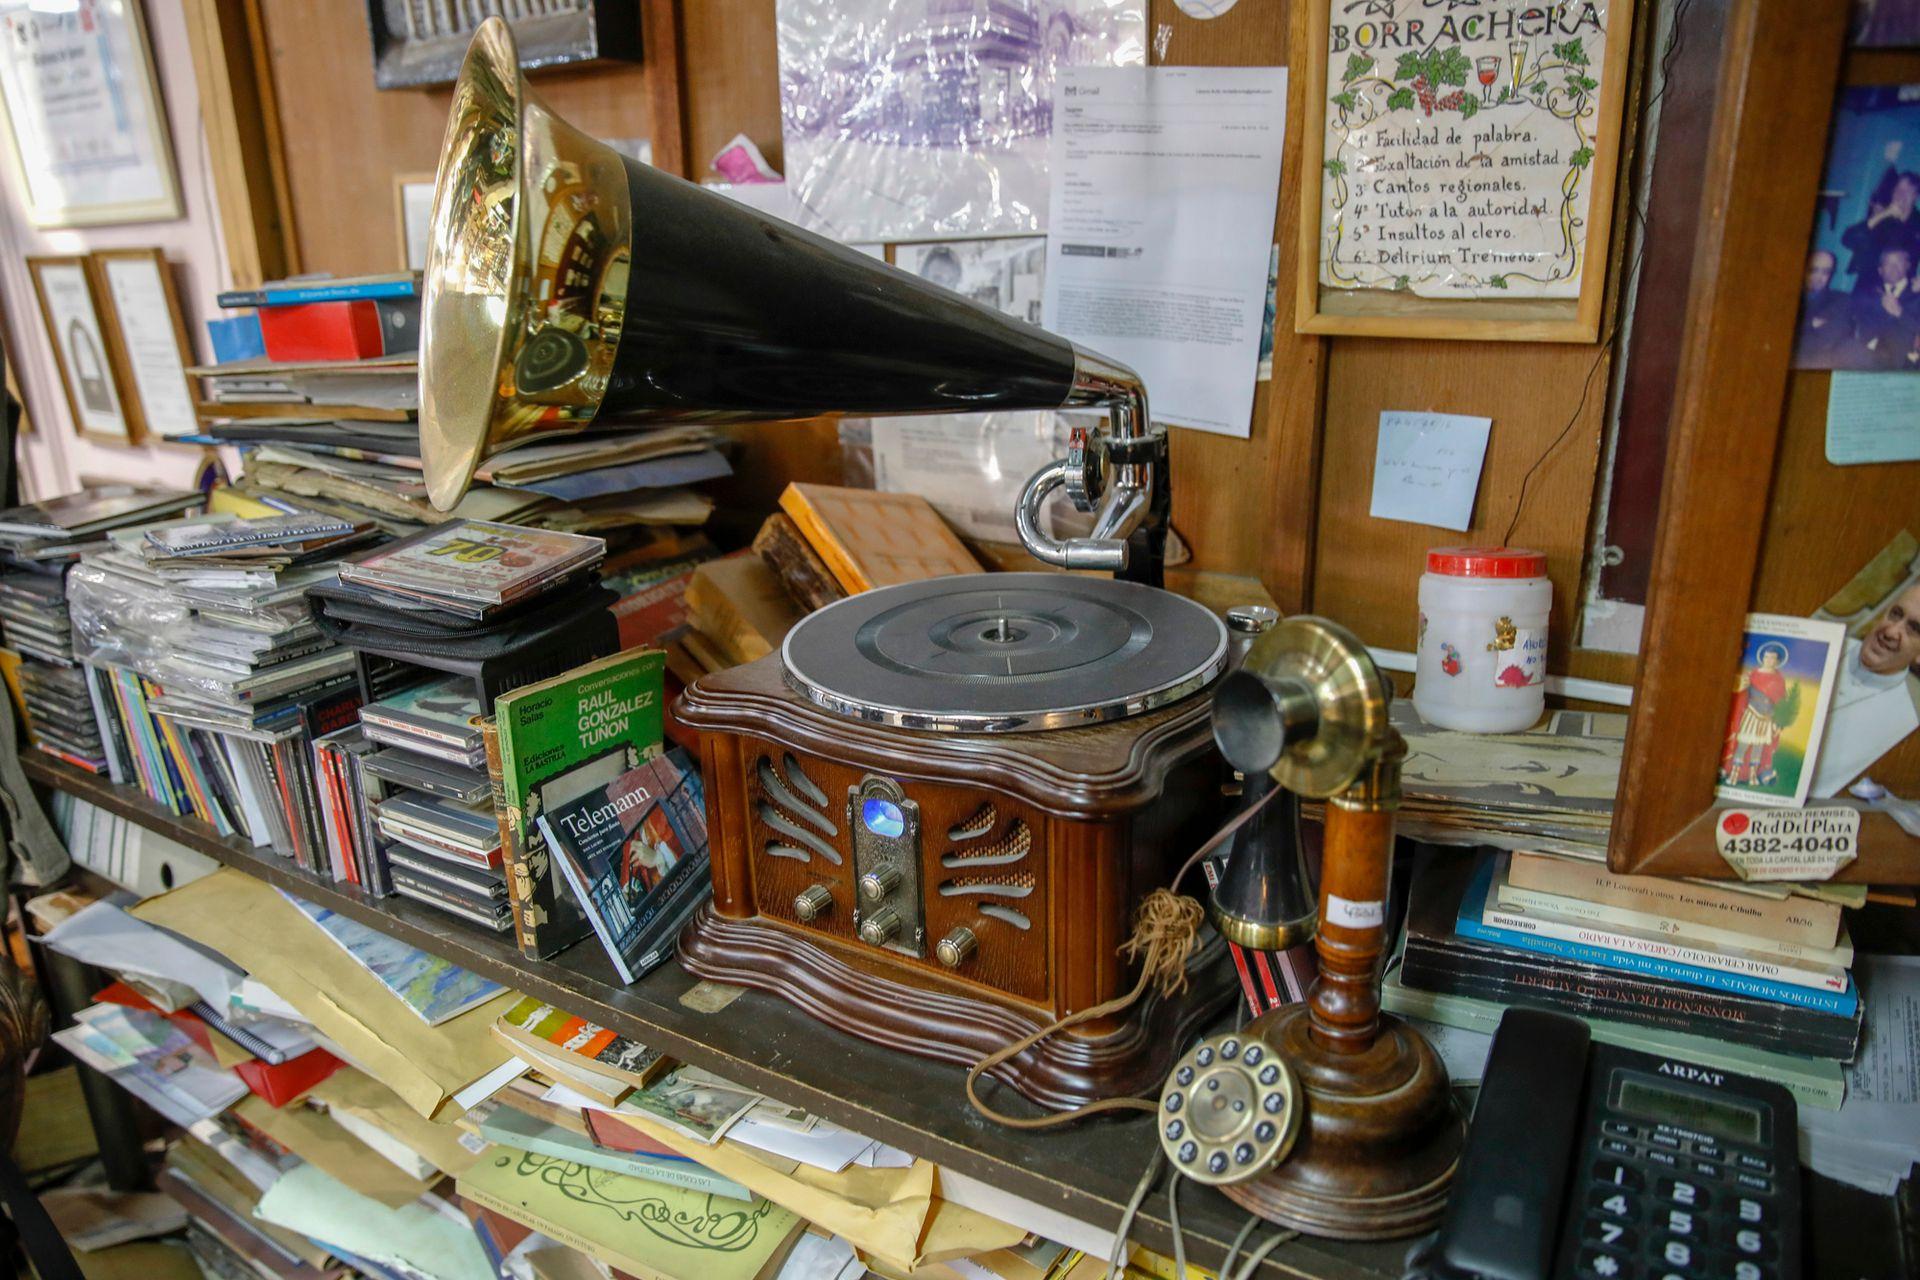 Además de libros hay muchos objetos antiguos como teléfonos y fonógrafos